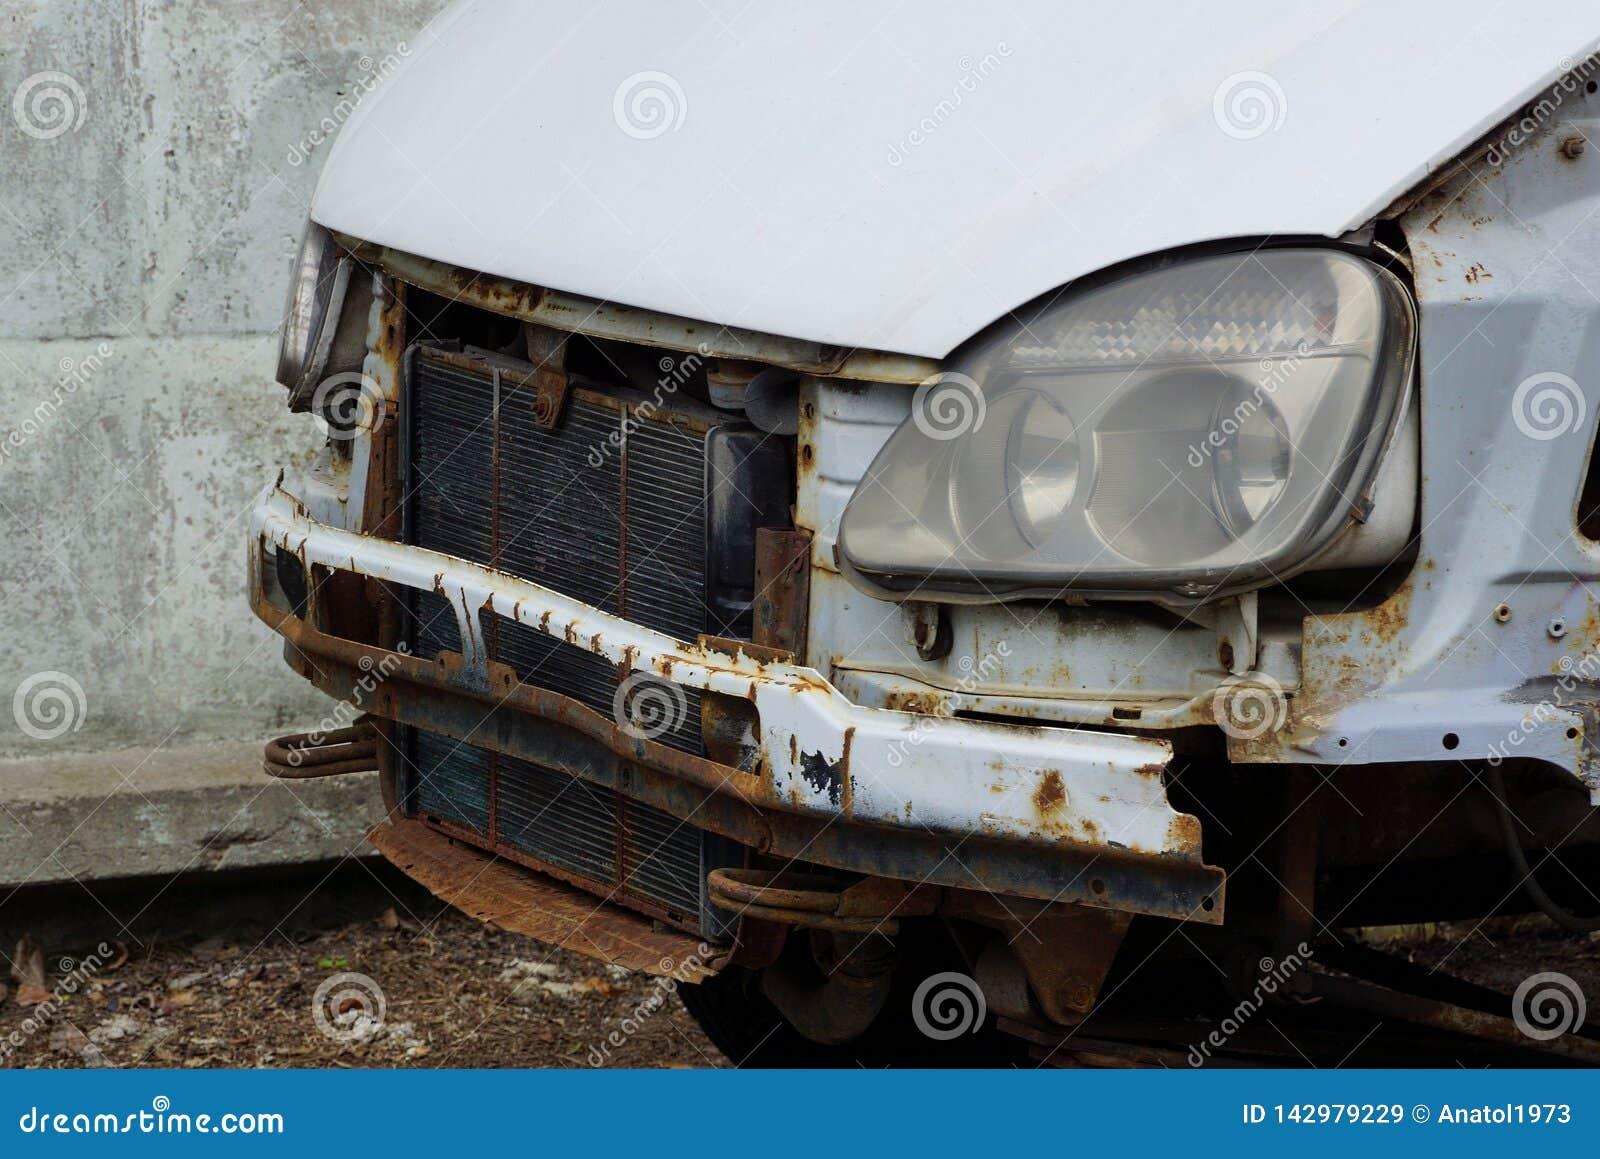 Pieza de un coche estrellado con un radiador y una linterna en la calle